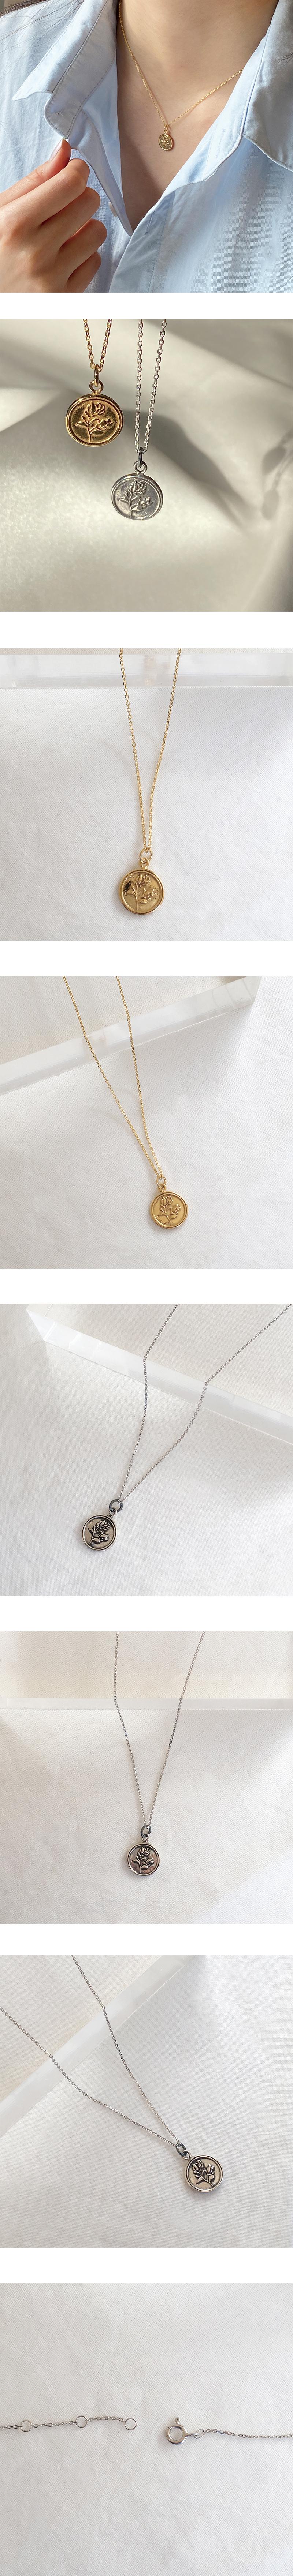 soho necklace